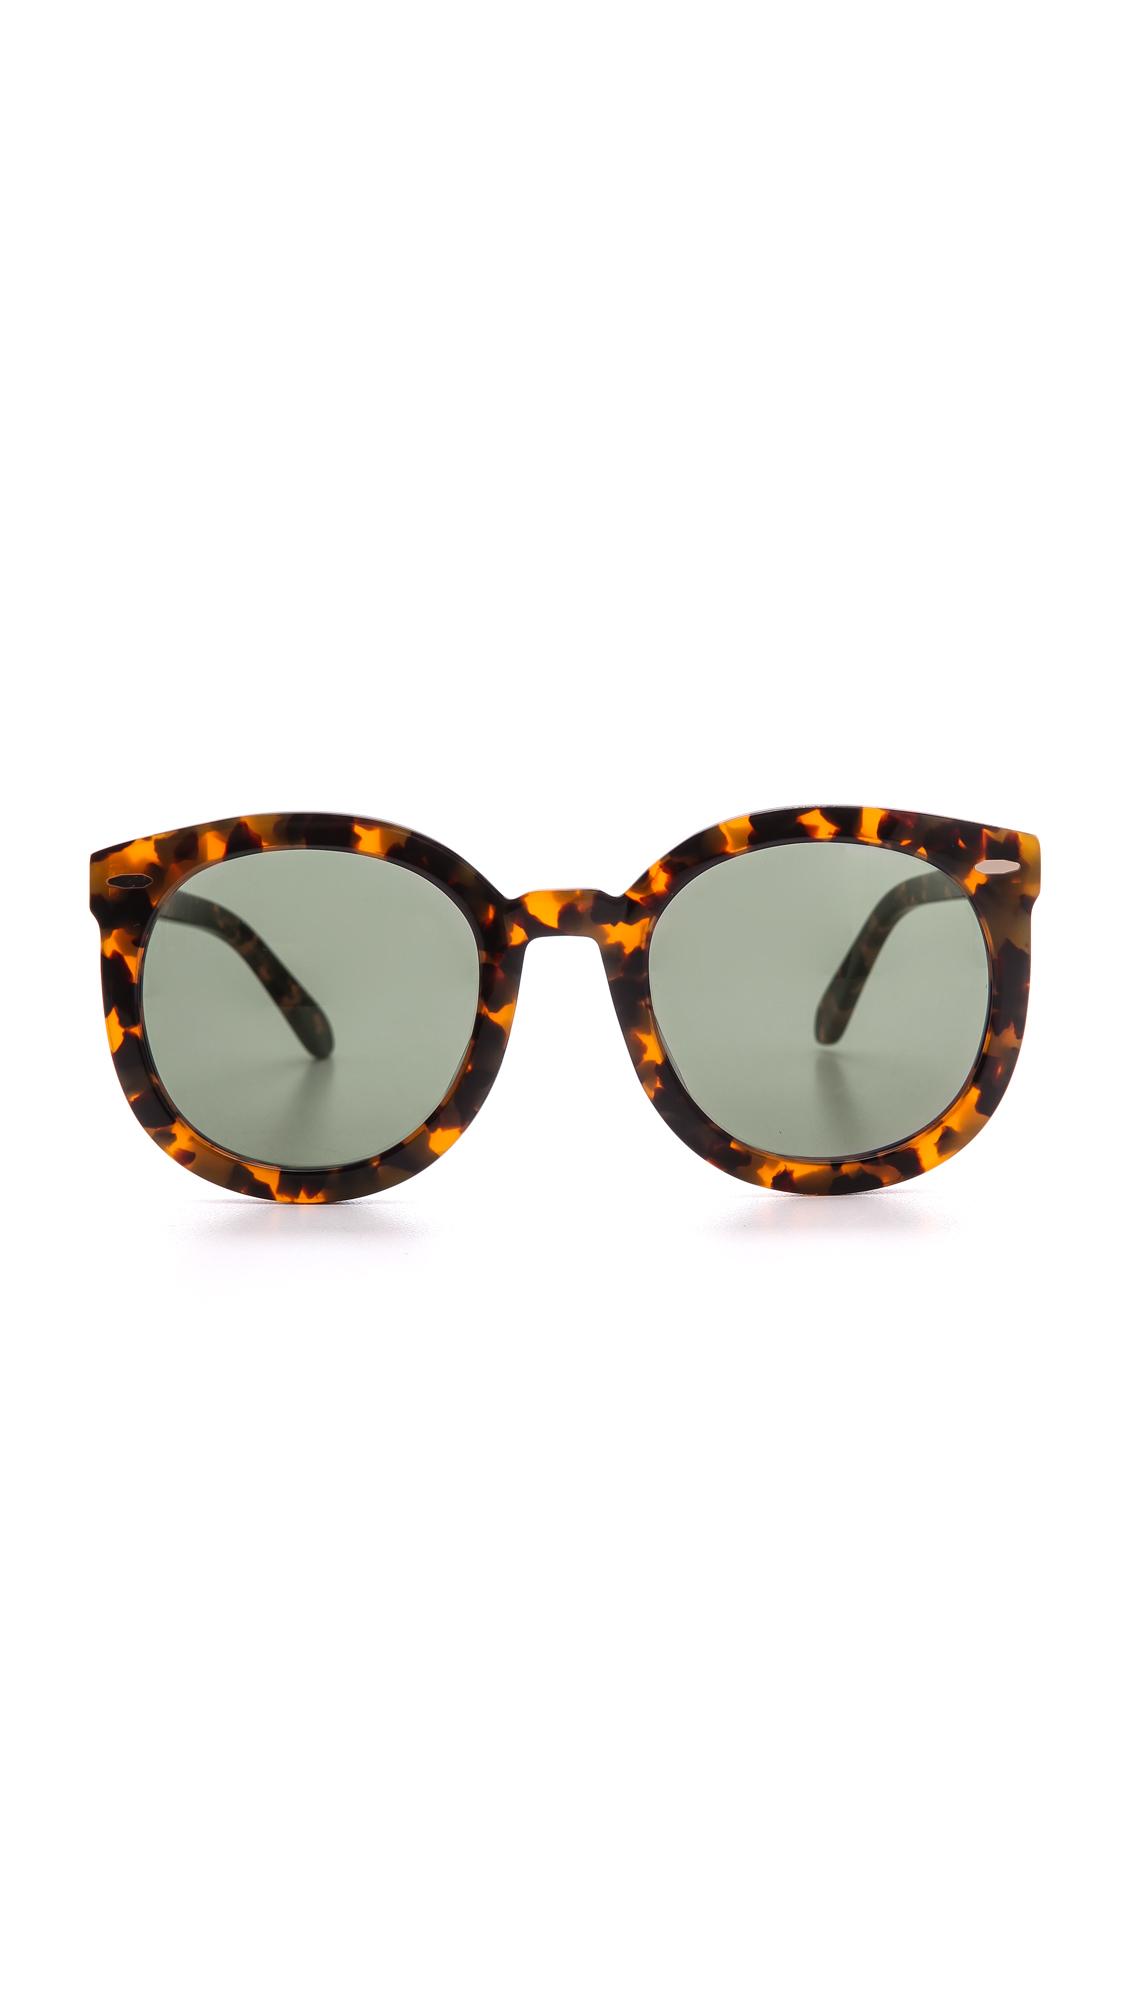 Karen Walker Special Fit Super Duper Strength Sunglasses | SHOPBOP